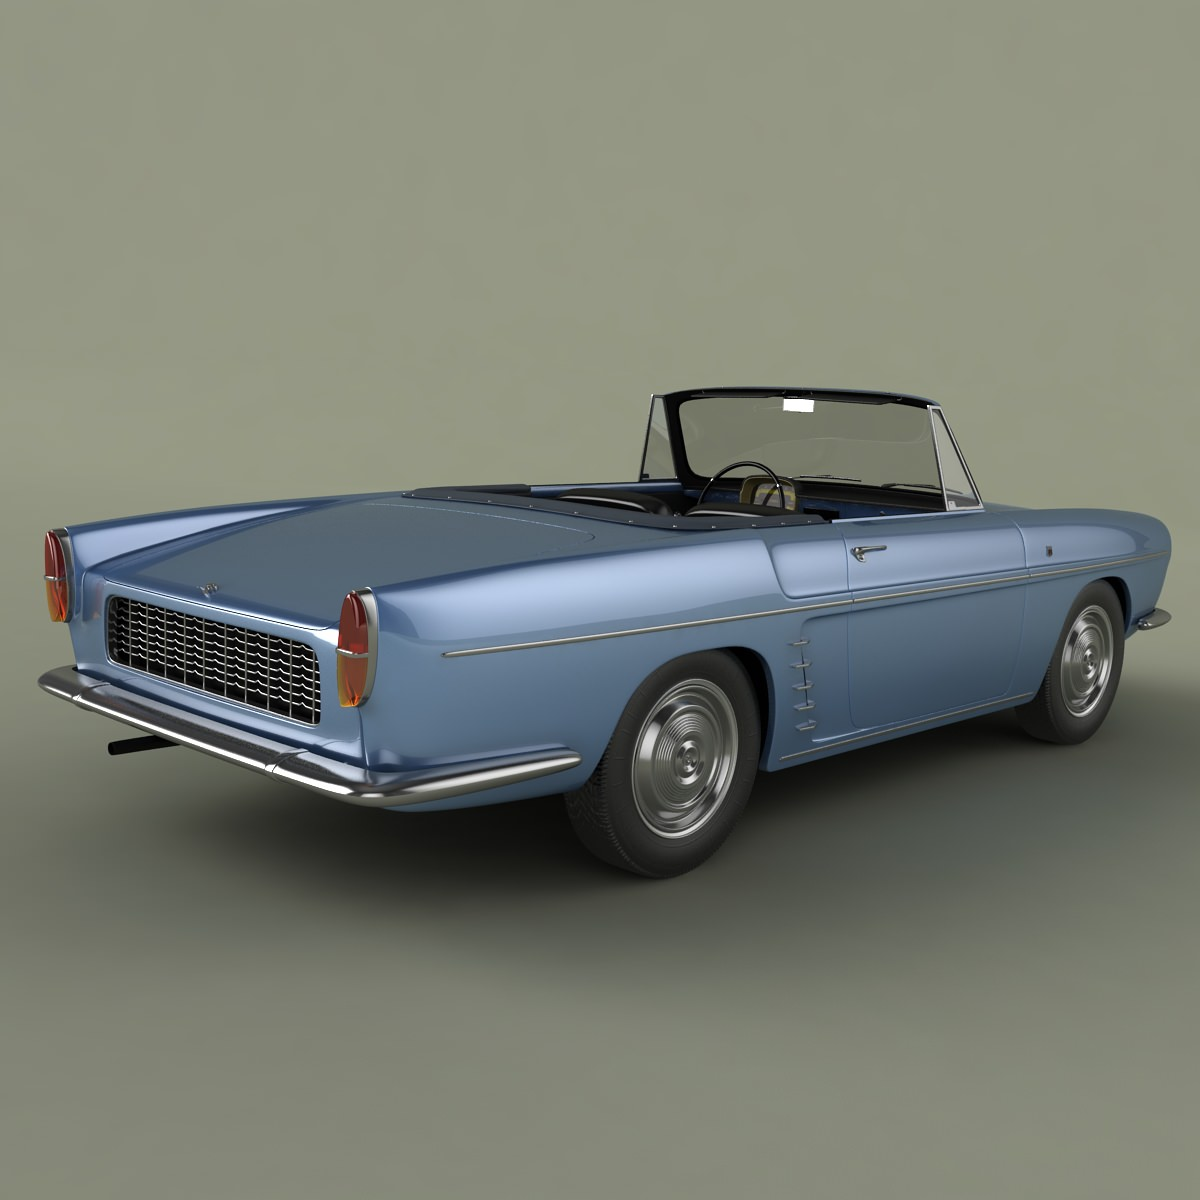 renault caravelle 1961 3d model max obj 3ds. Black Bedroom Furniture Sets. Home Design Ideas